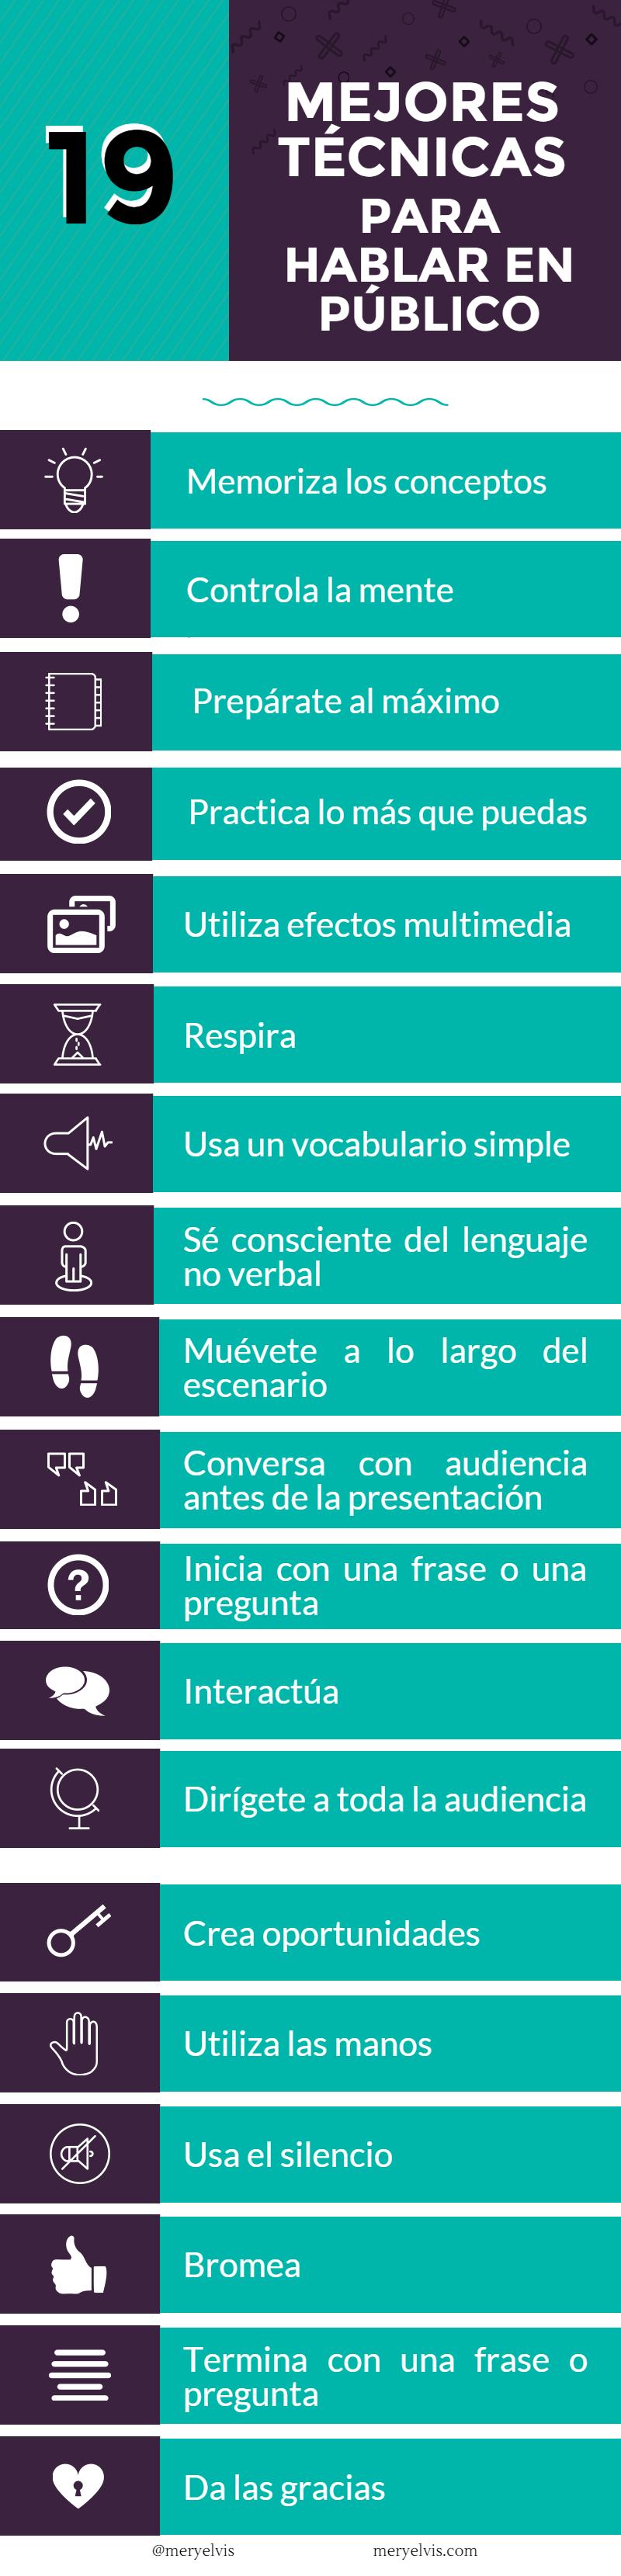 19 mejores técnicas para hablar en público